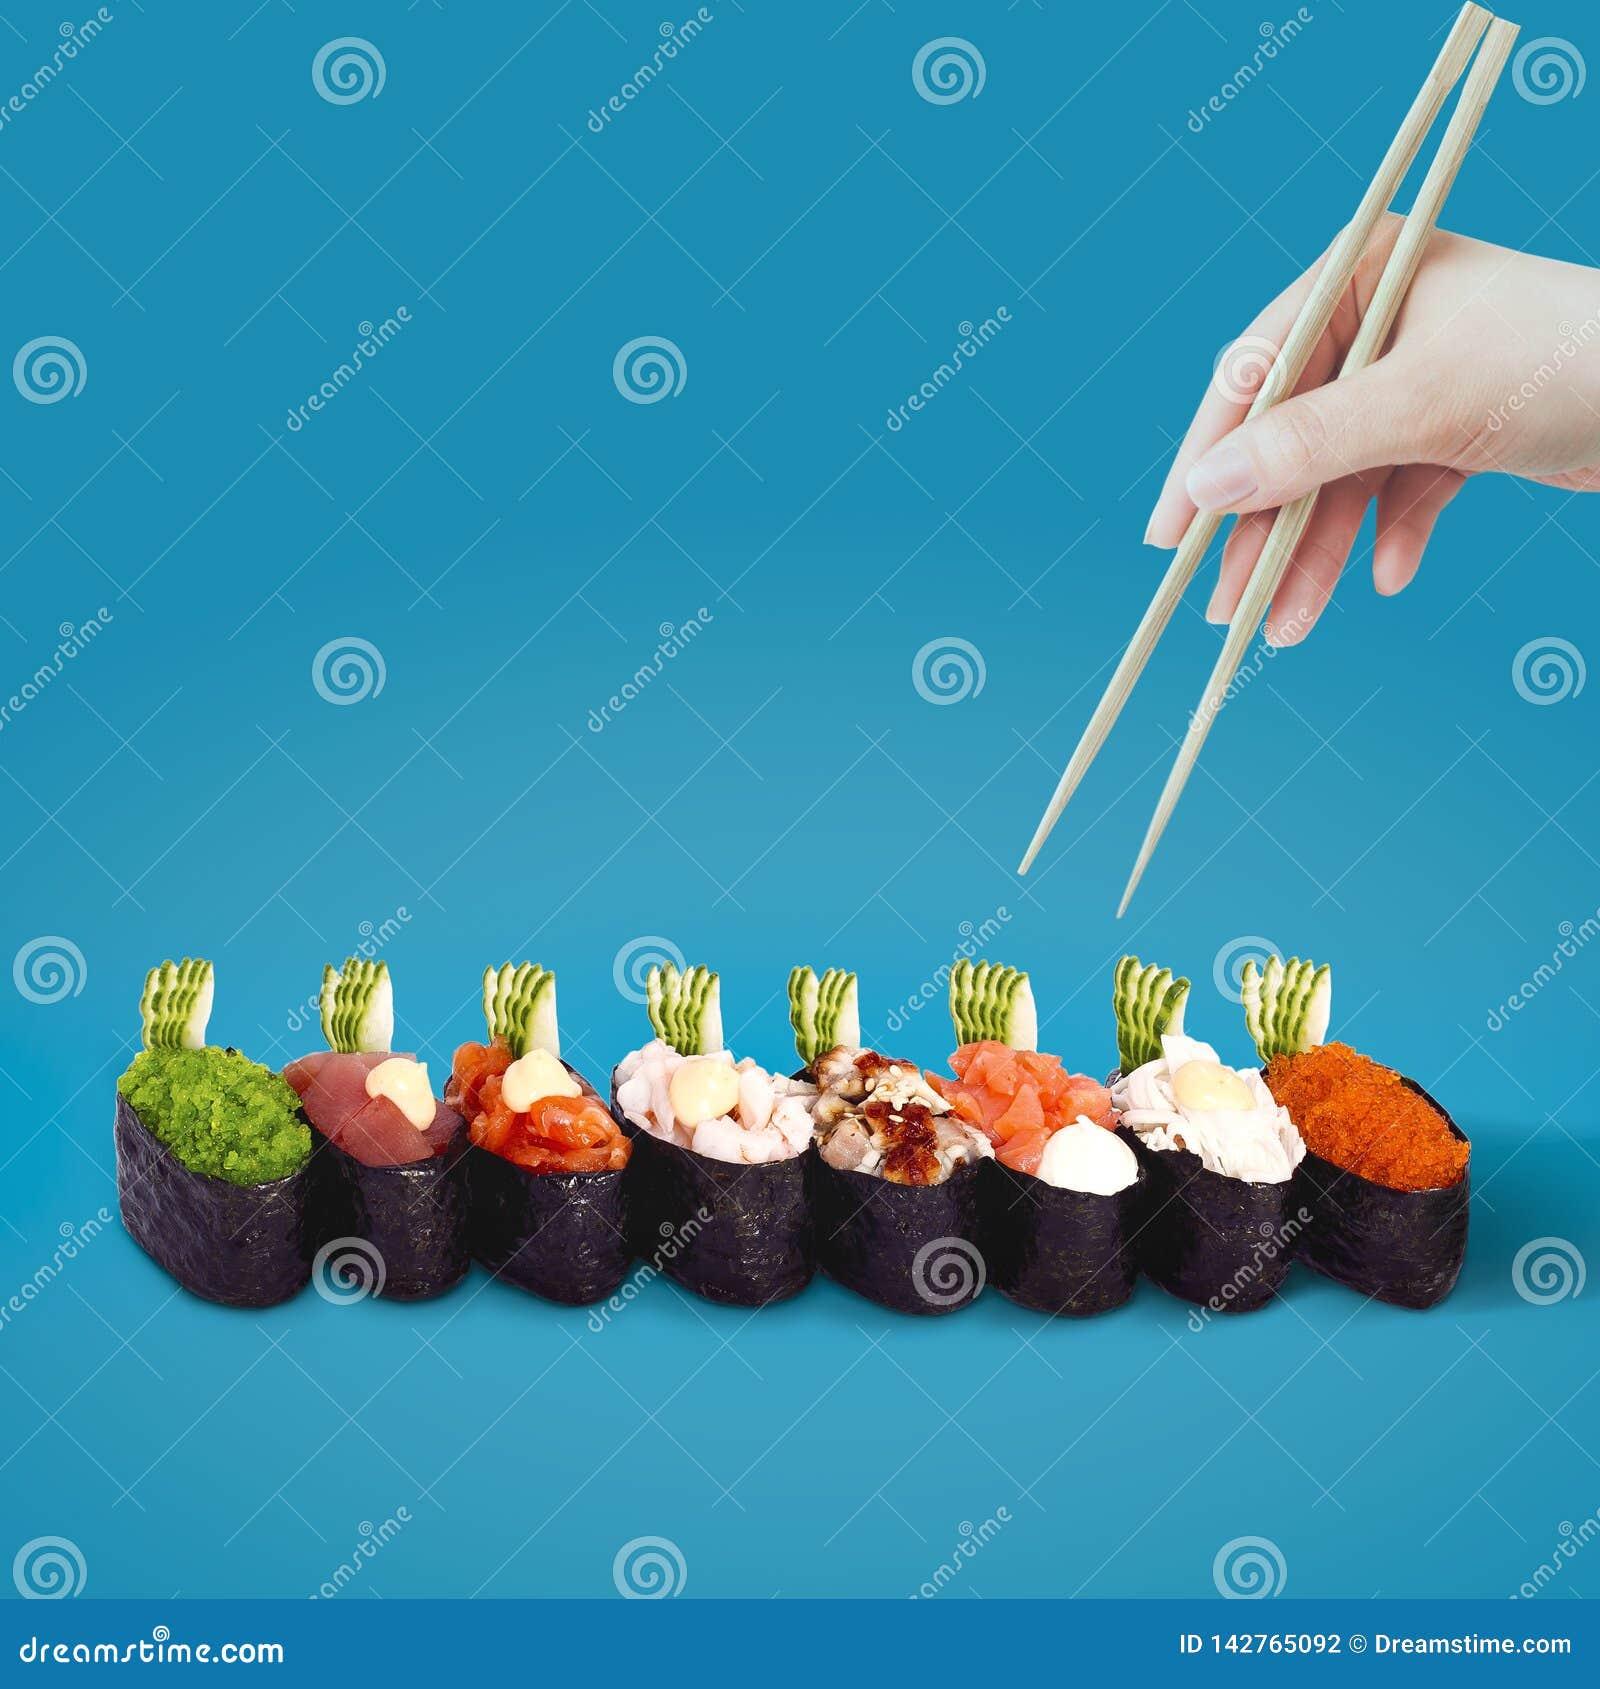 La main avec des baguettes choisit des sushi sur un fond bleu